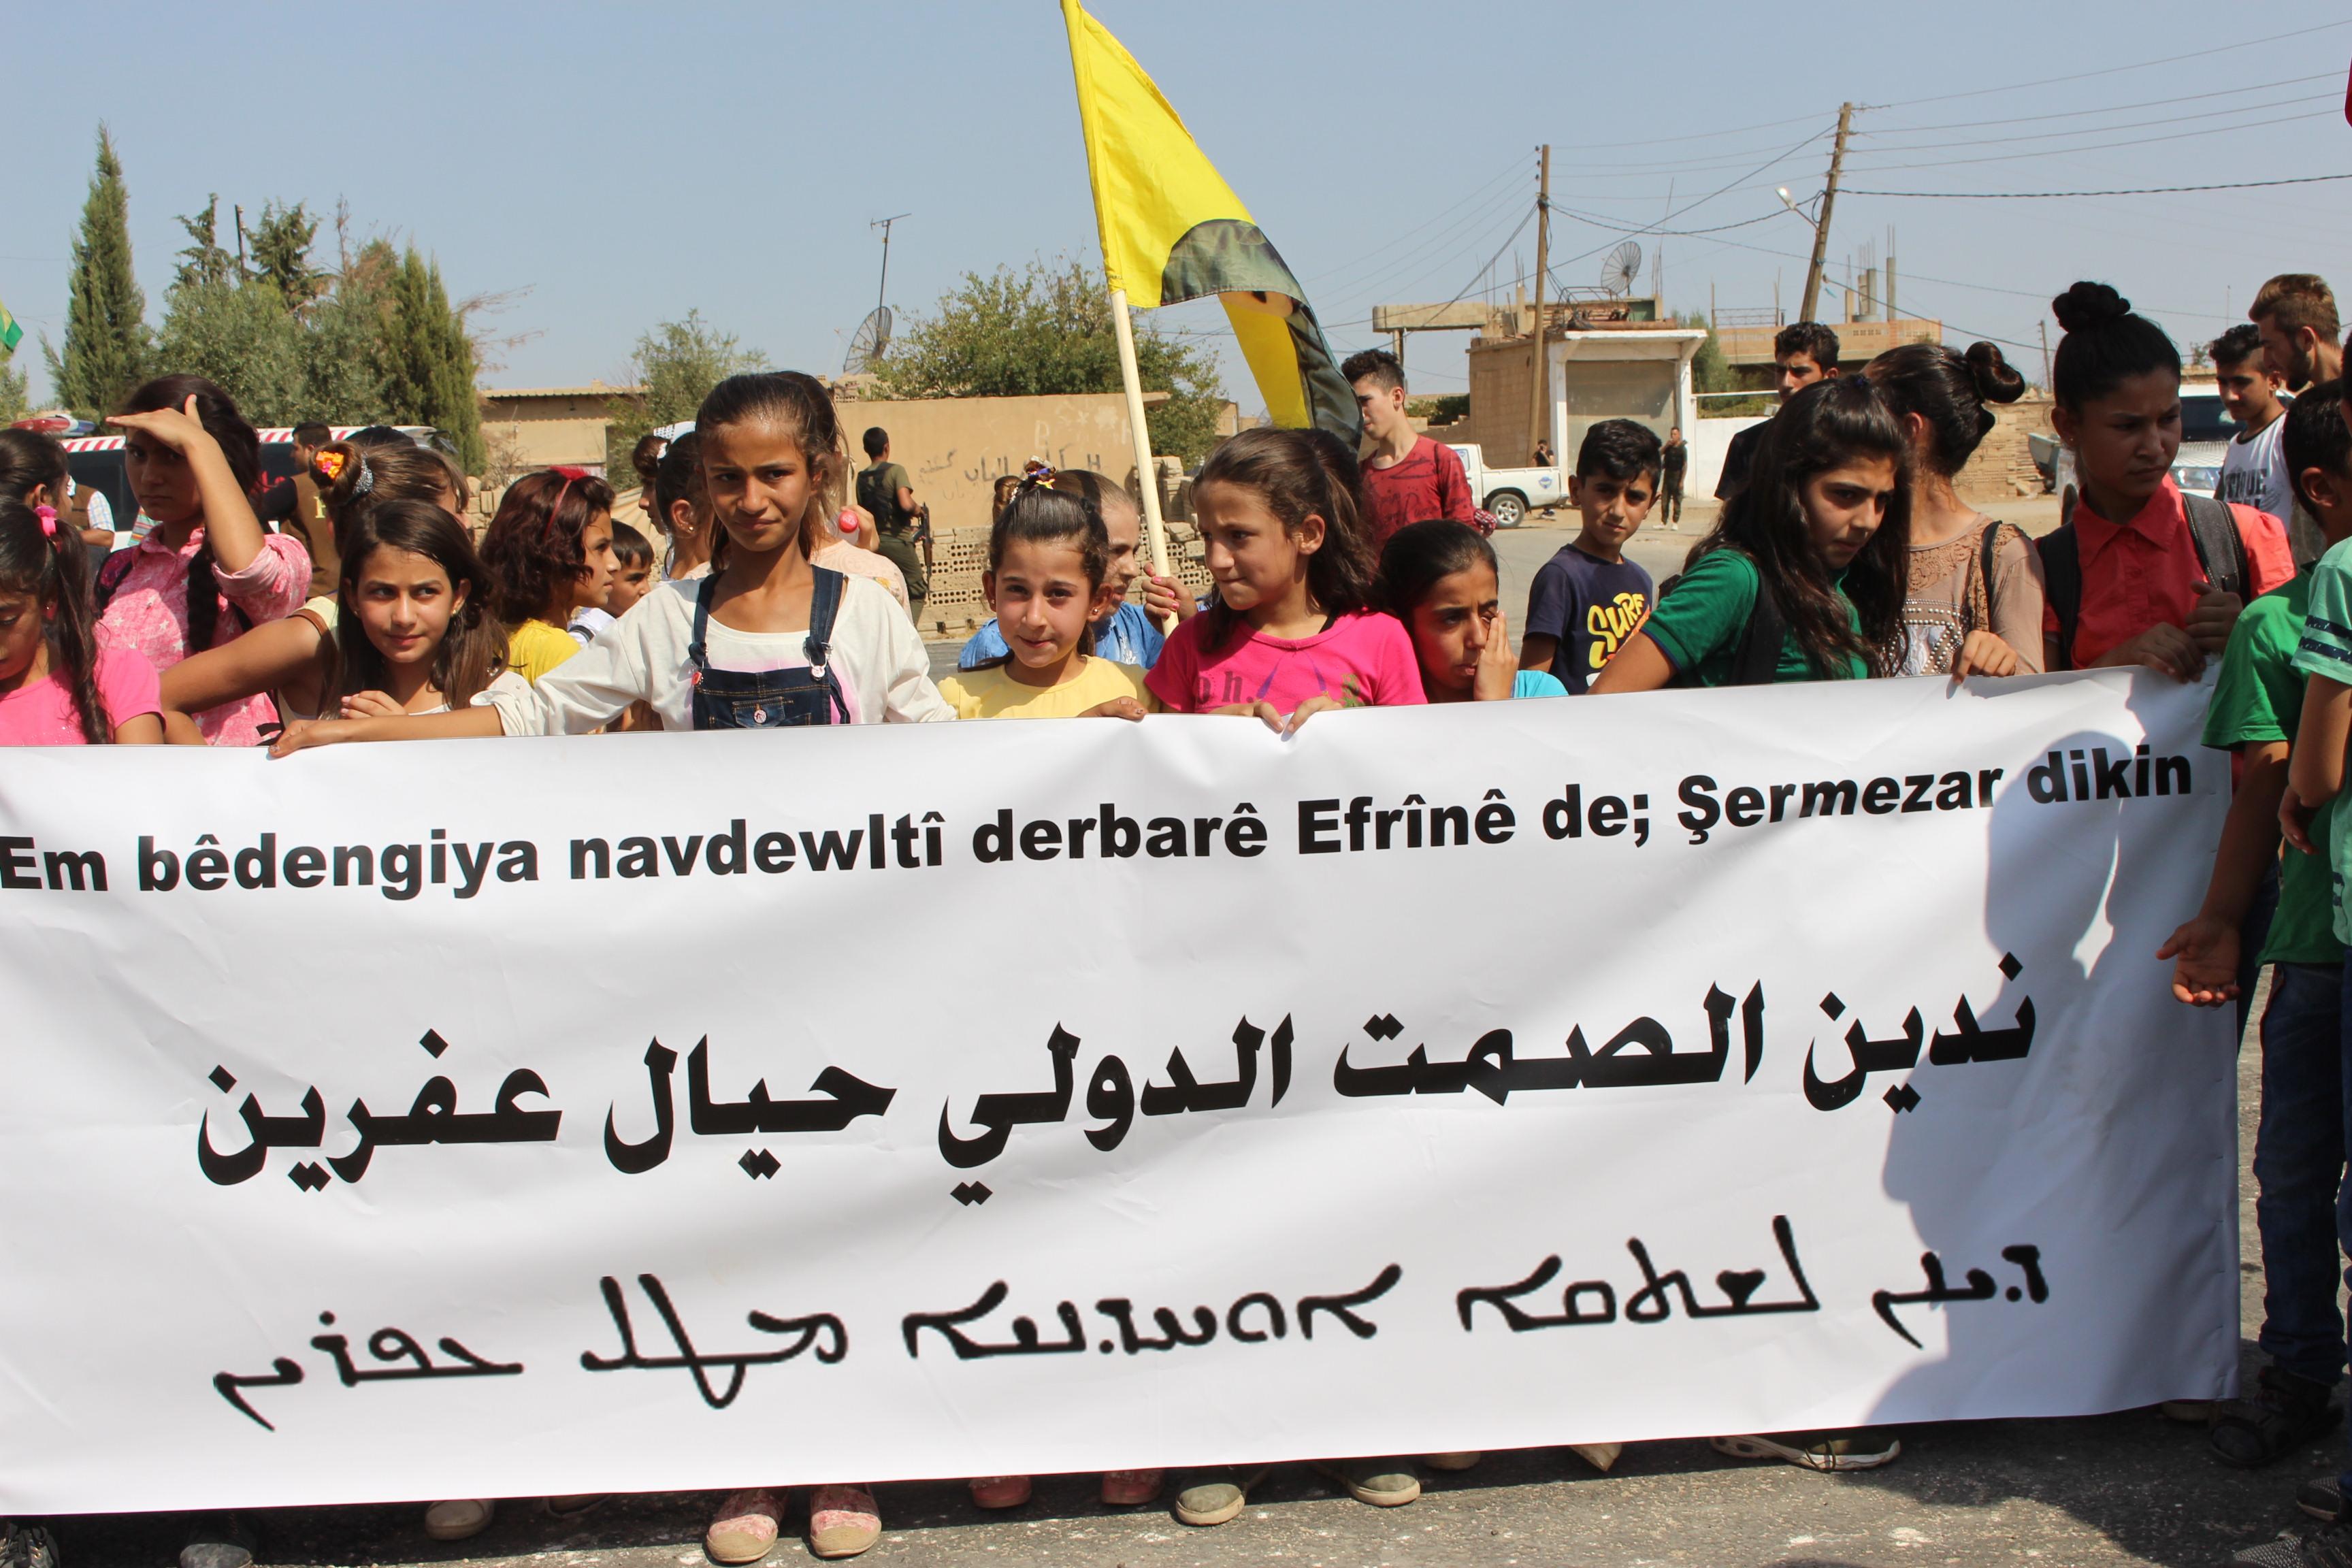 Öğretmenler ve öğrenciler Efrinli çocuklar için yürüdü